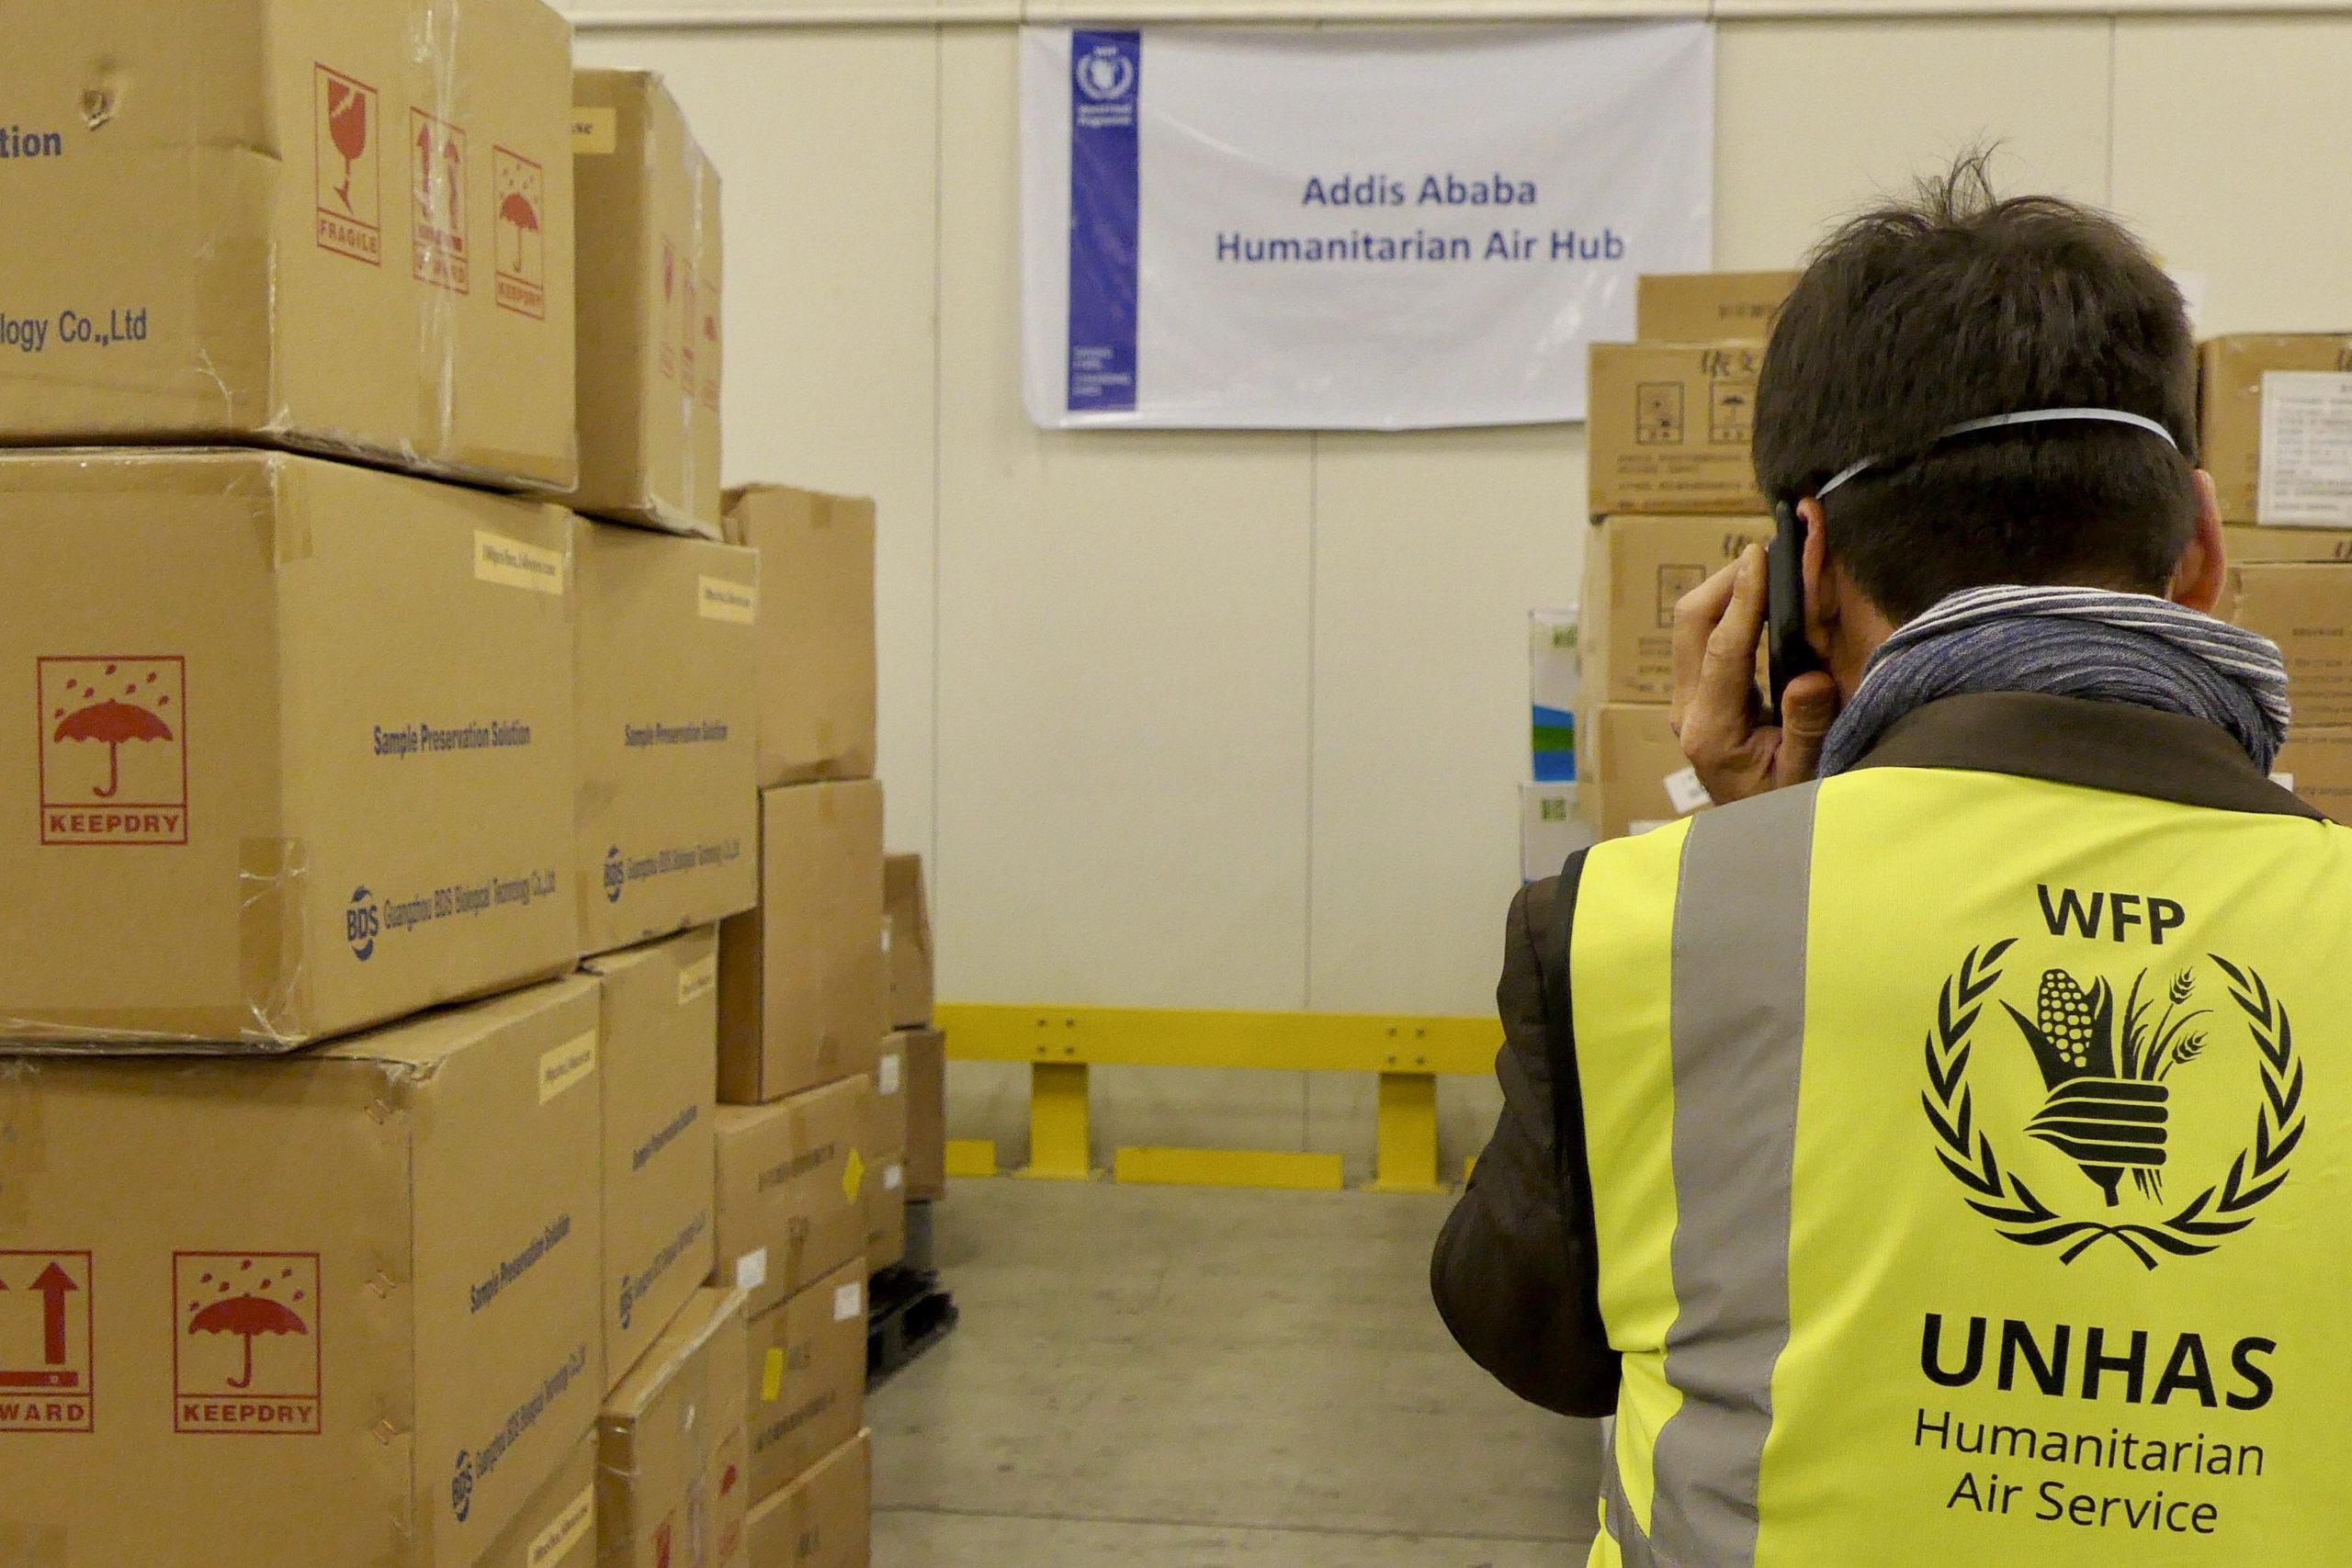 Déchargement de l'aide transportée par les vols de solidarité. Aéroport international de Addis-Abeba Bole (Éthiopie). Crédit: WFP / Edward Johnson.